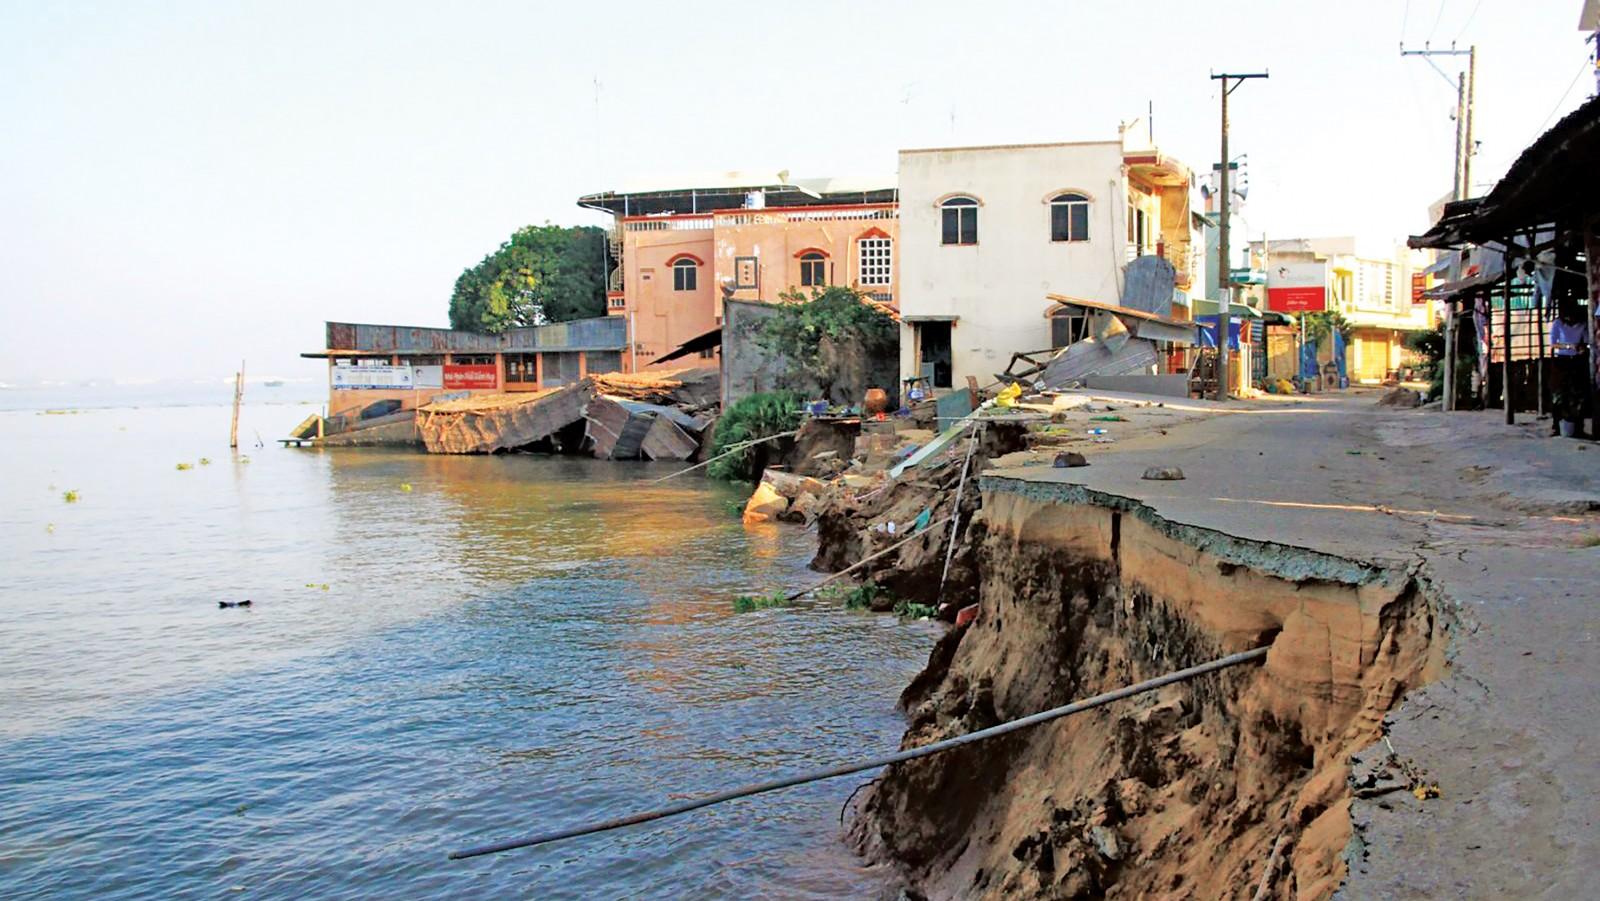 Nước mặt suy thoái, nguồn nước ngầm cạn kiệt là một trong những nguyên nhân gây sạt lở tại ĐBSCL. Trong ảnh: Sạt lở tại tỉnh An Giang.